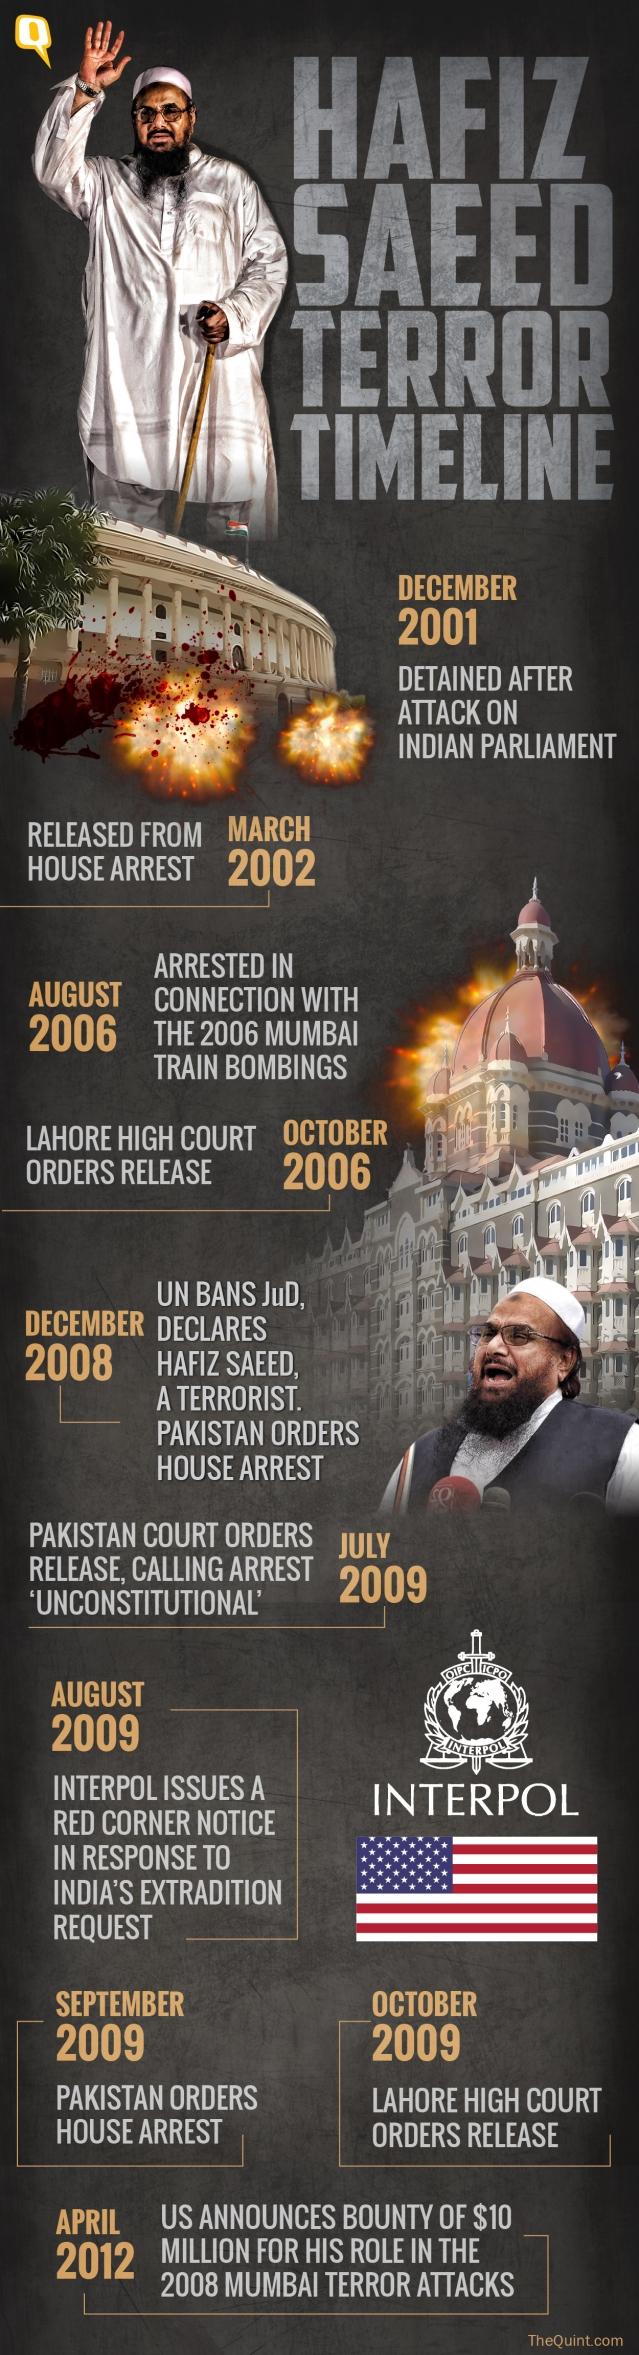 (Infographic: Rahul Gupta/The Quint)